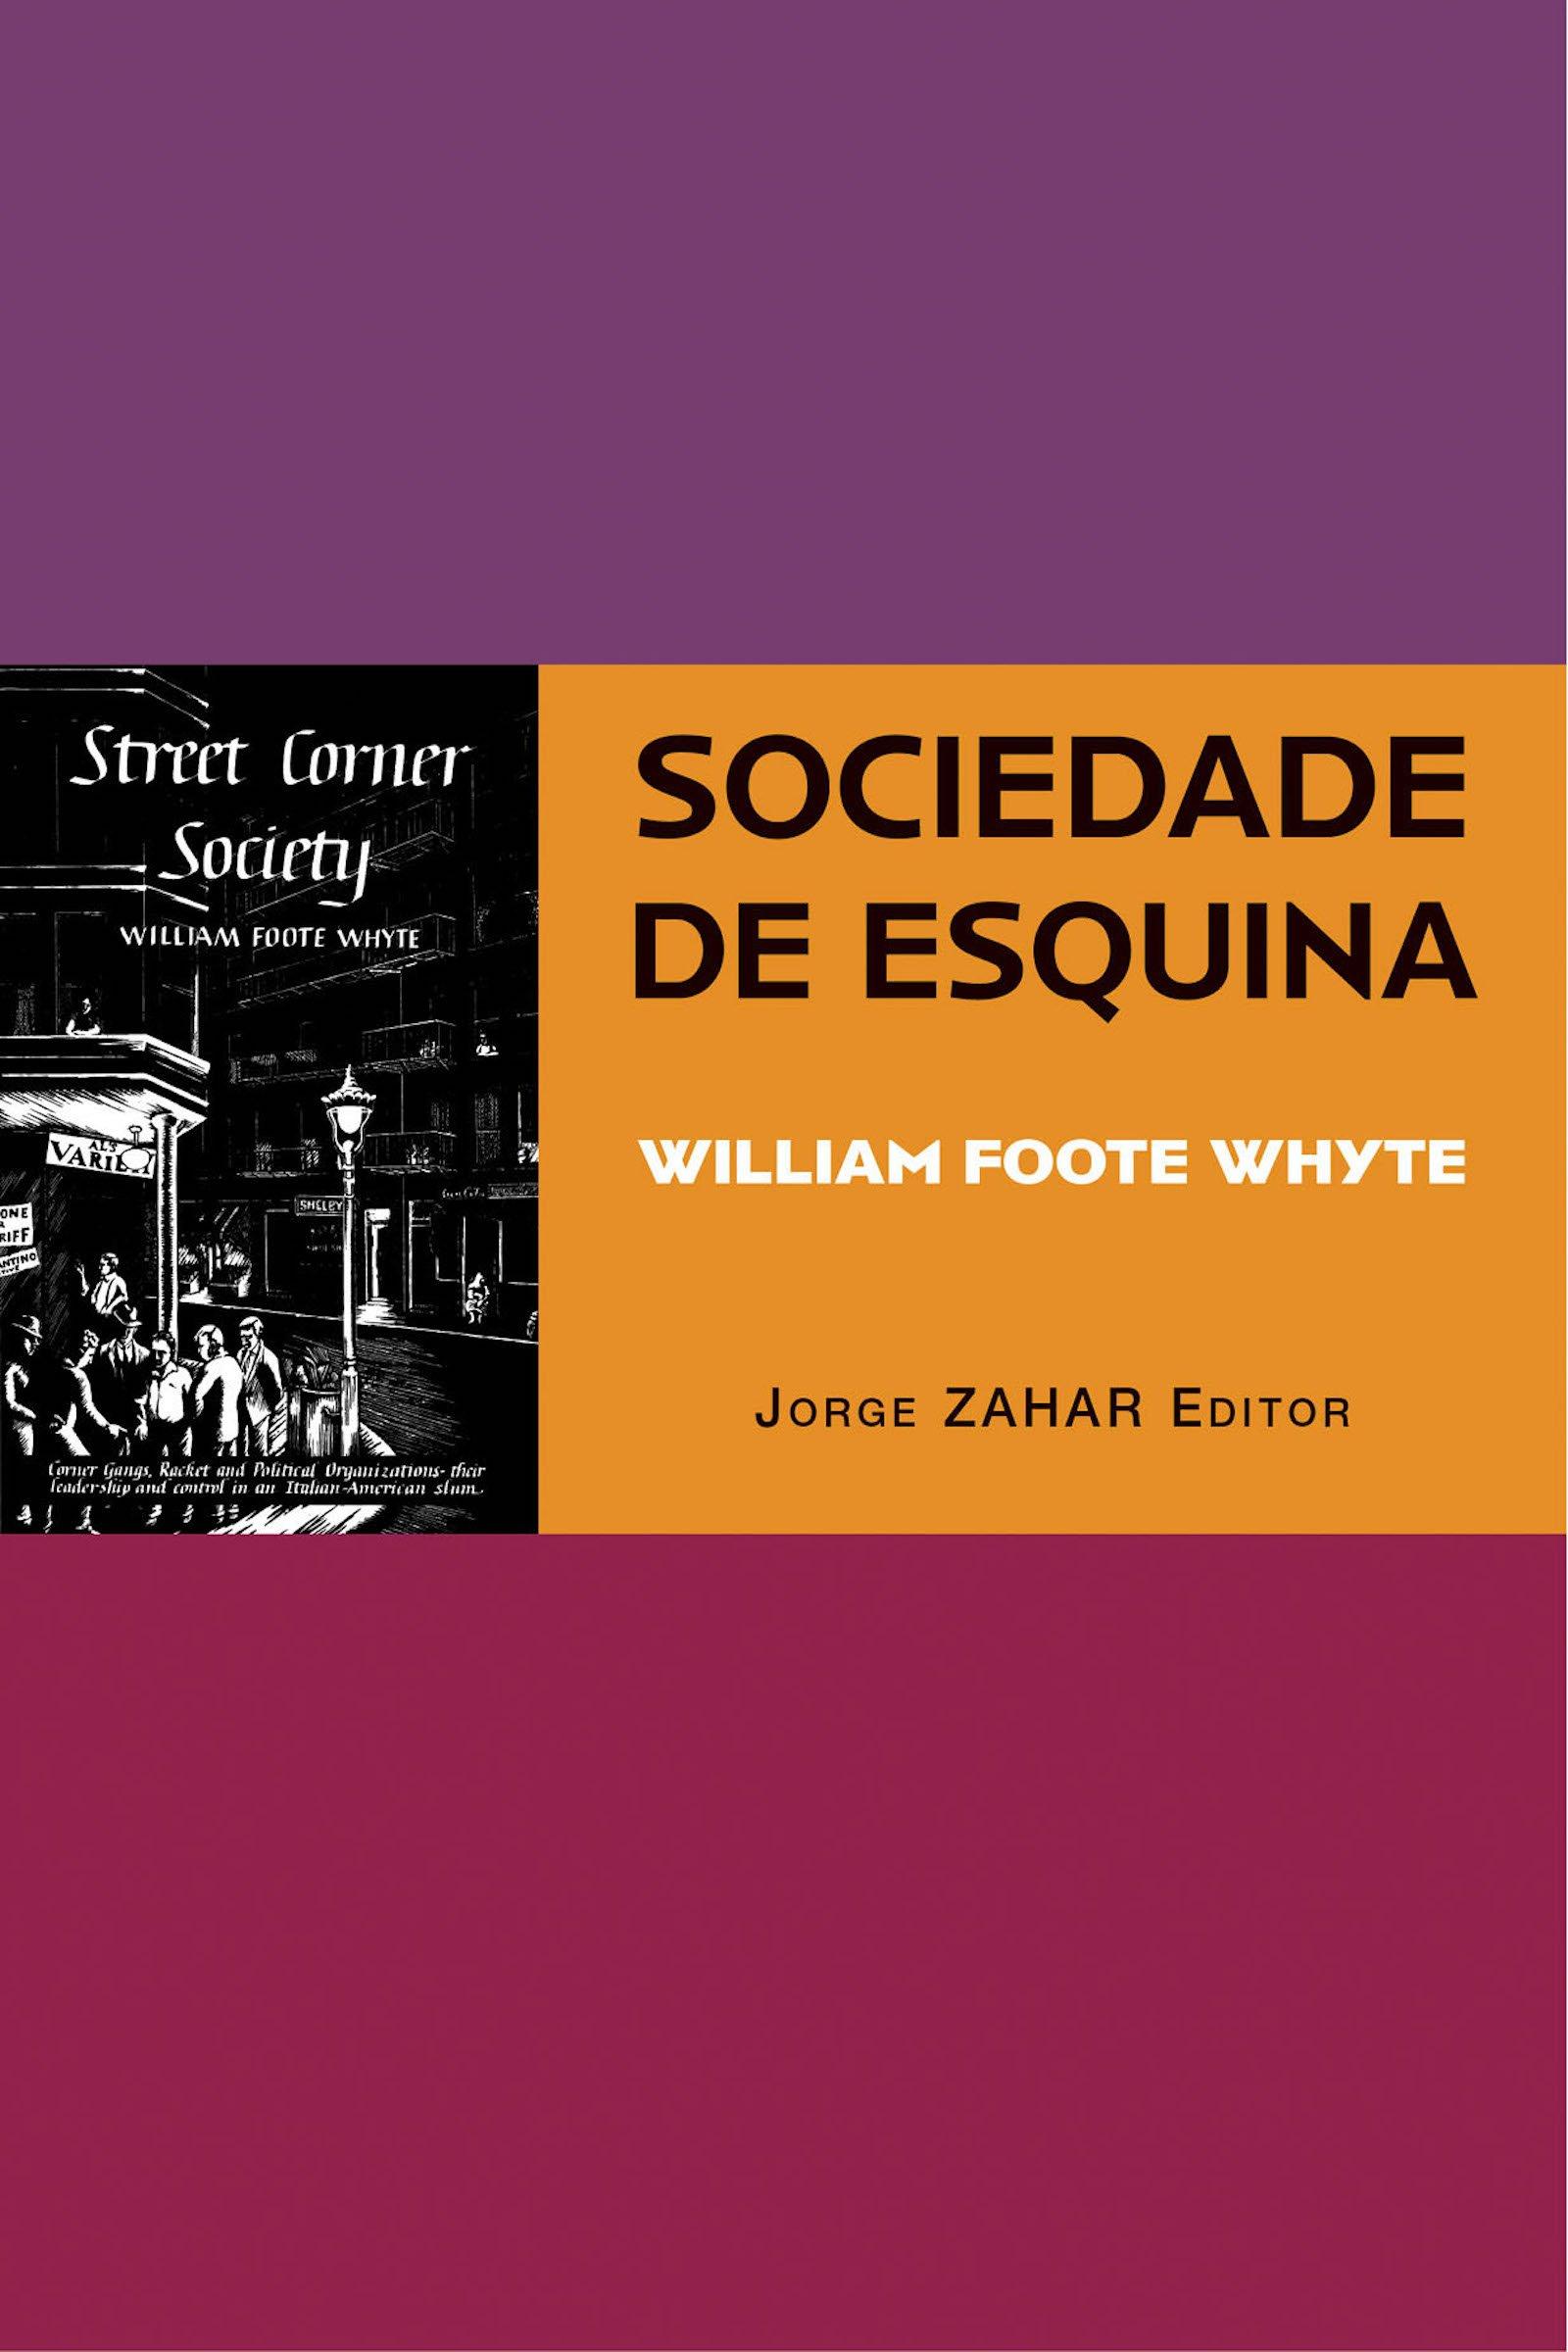 Sociedade de Esquina: a Estrutura Social de uma Área Urbana Pobre - Coleção Antropologia Social